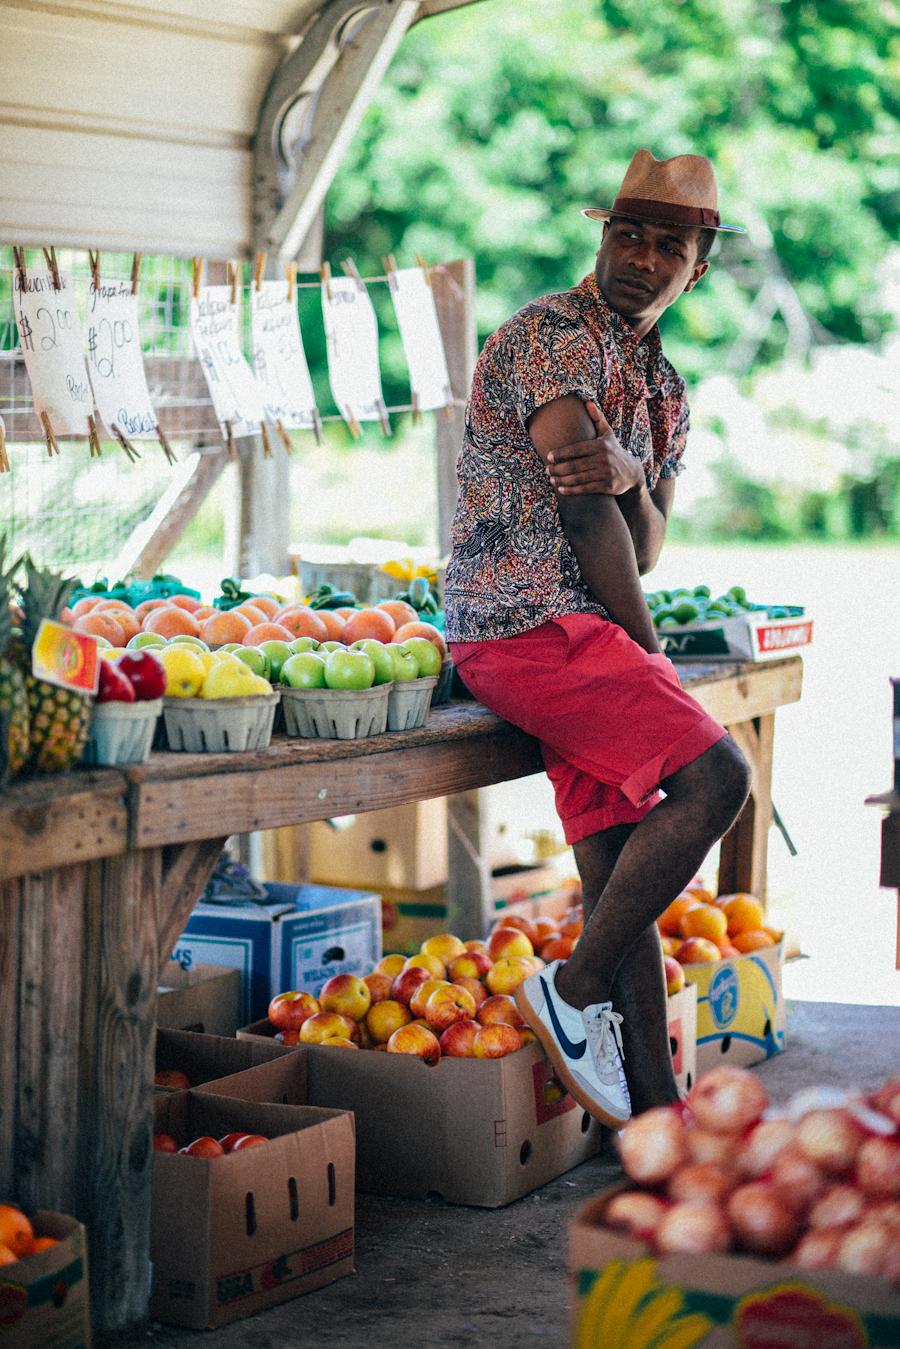 Dapper-Lou-Fruit-Stand-Joekenneth-Museau-Menswear-Blog-5.jpg